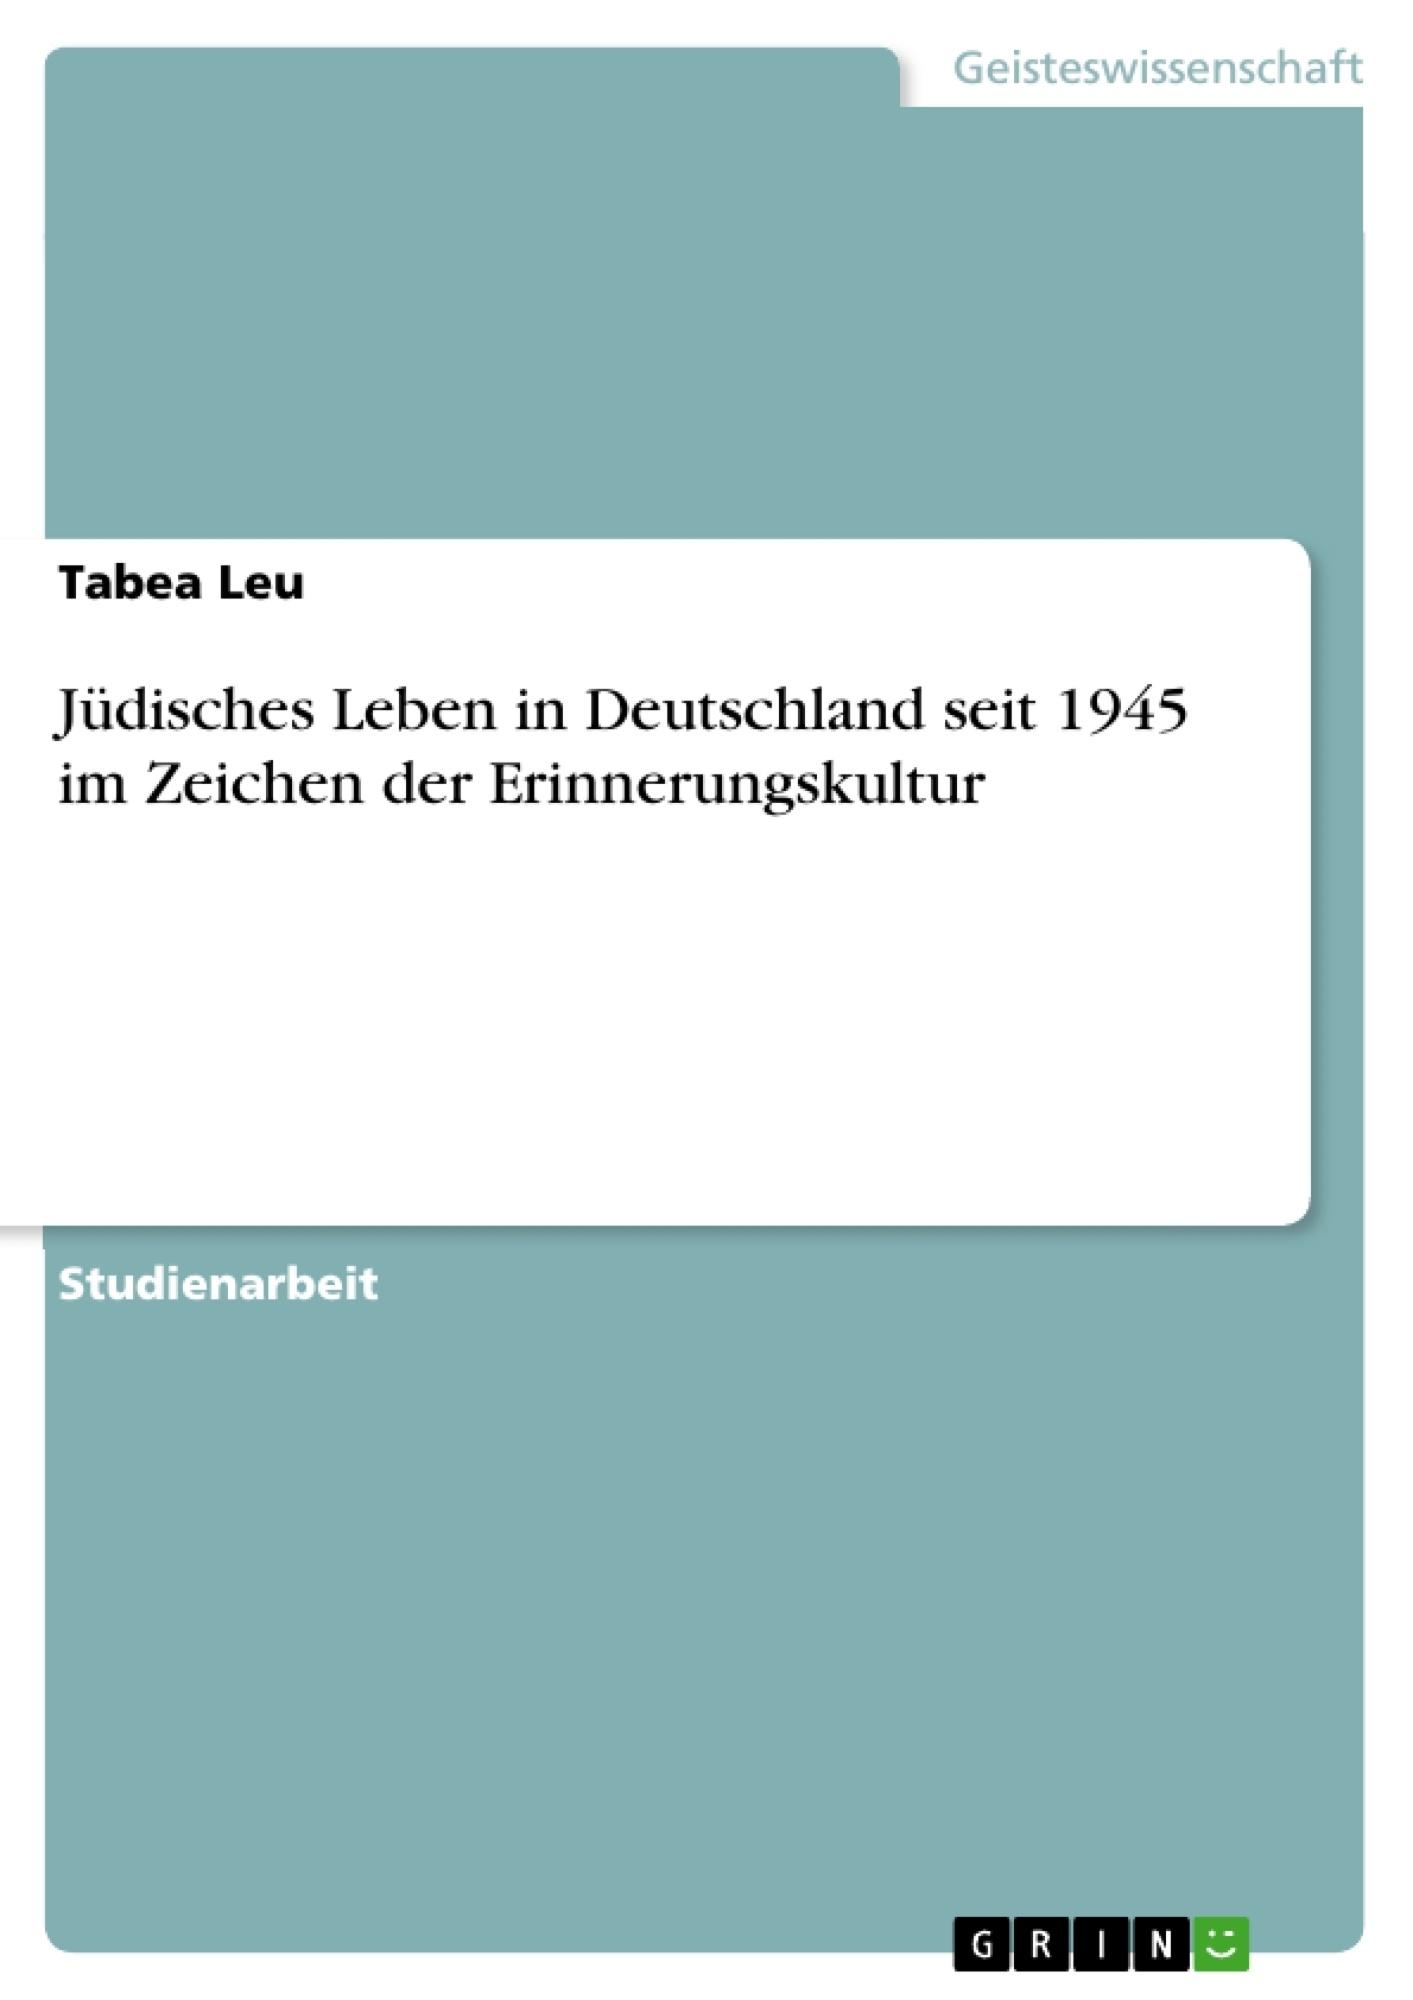 Titel: Jüdisches Leben in Deutschland seit 1945 im Zeichen der Erinnerungskultur